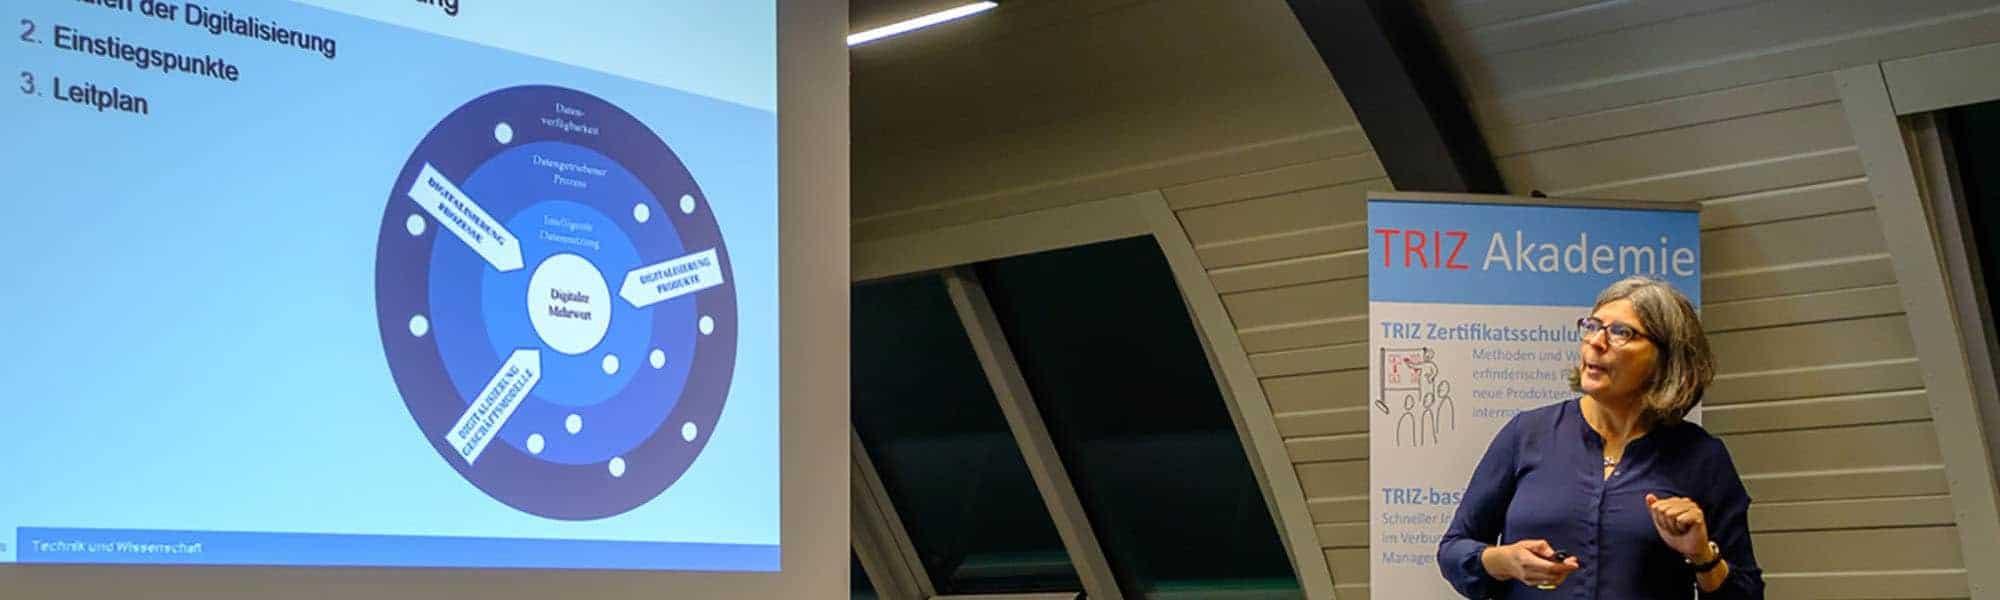 TRIZ Akademie_TRIZ Vortrag Digitalisierung